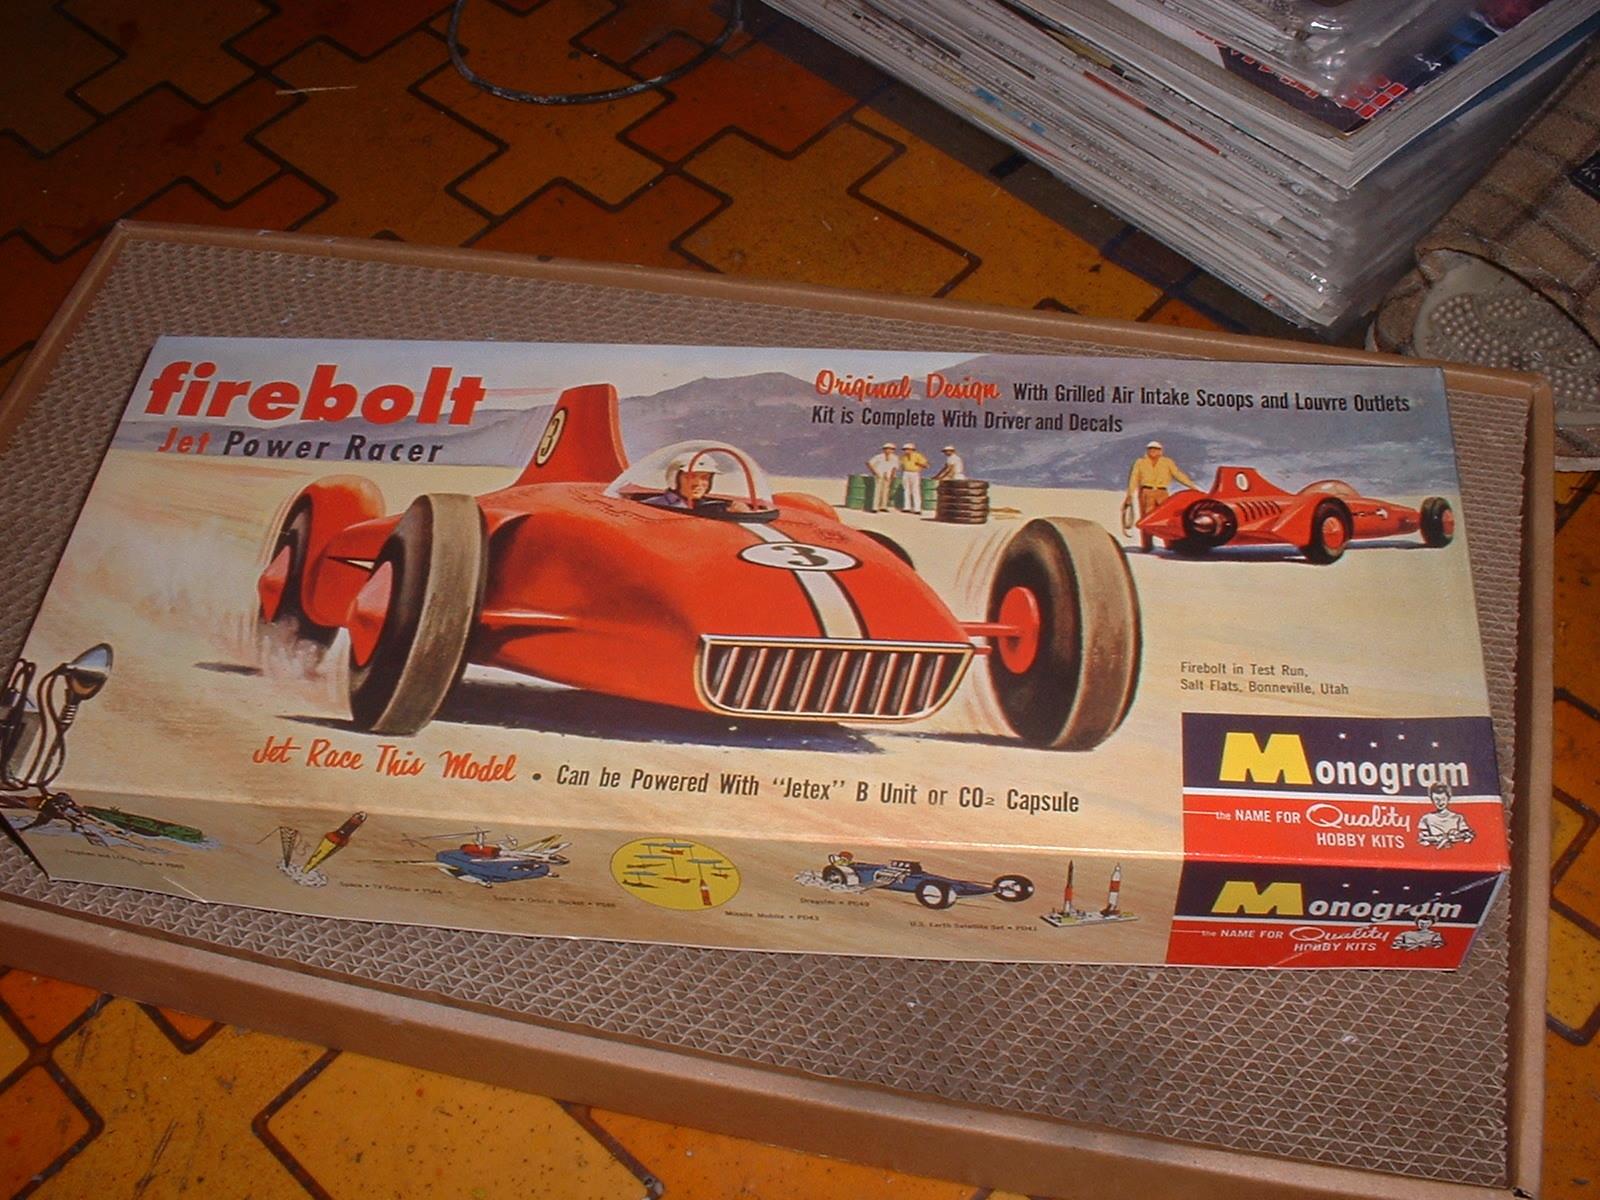 90年代後半再版 モノグラム「ファイヤーボルト」外箱.JPG